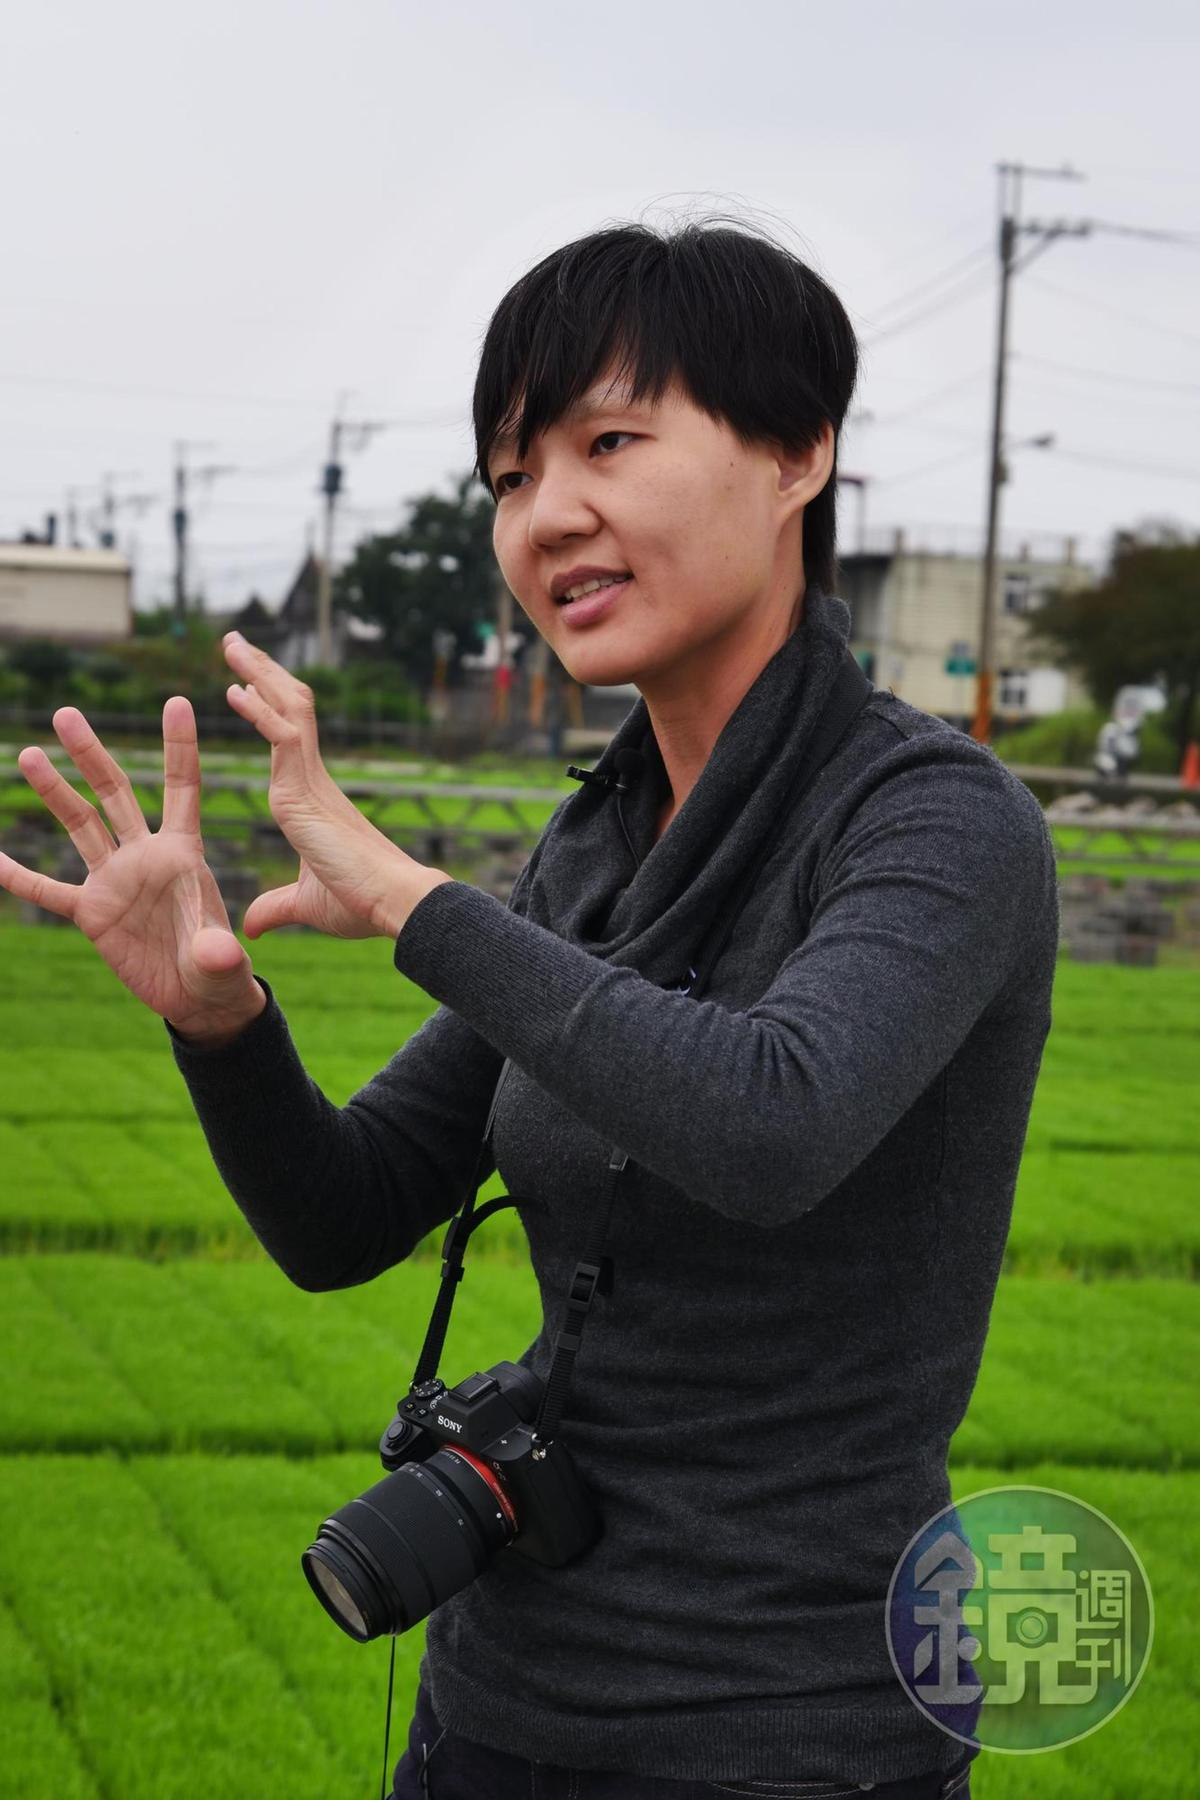 顧瑋認為,從米種、田間管理到烘碾、烹煮,全是決定好米的關鍵。